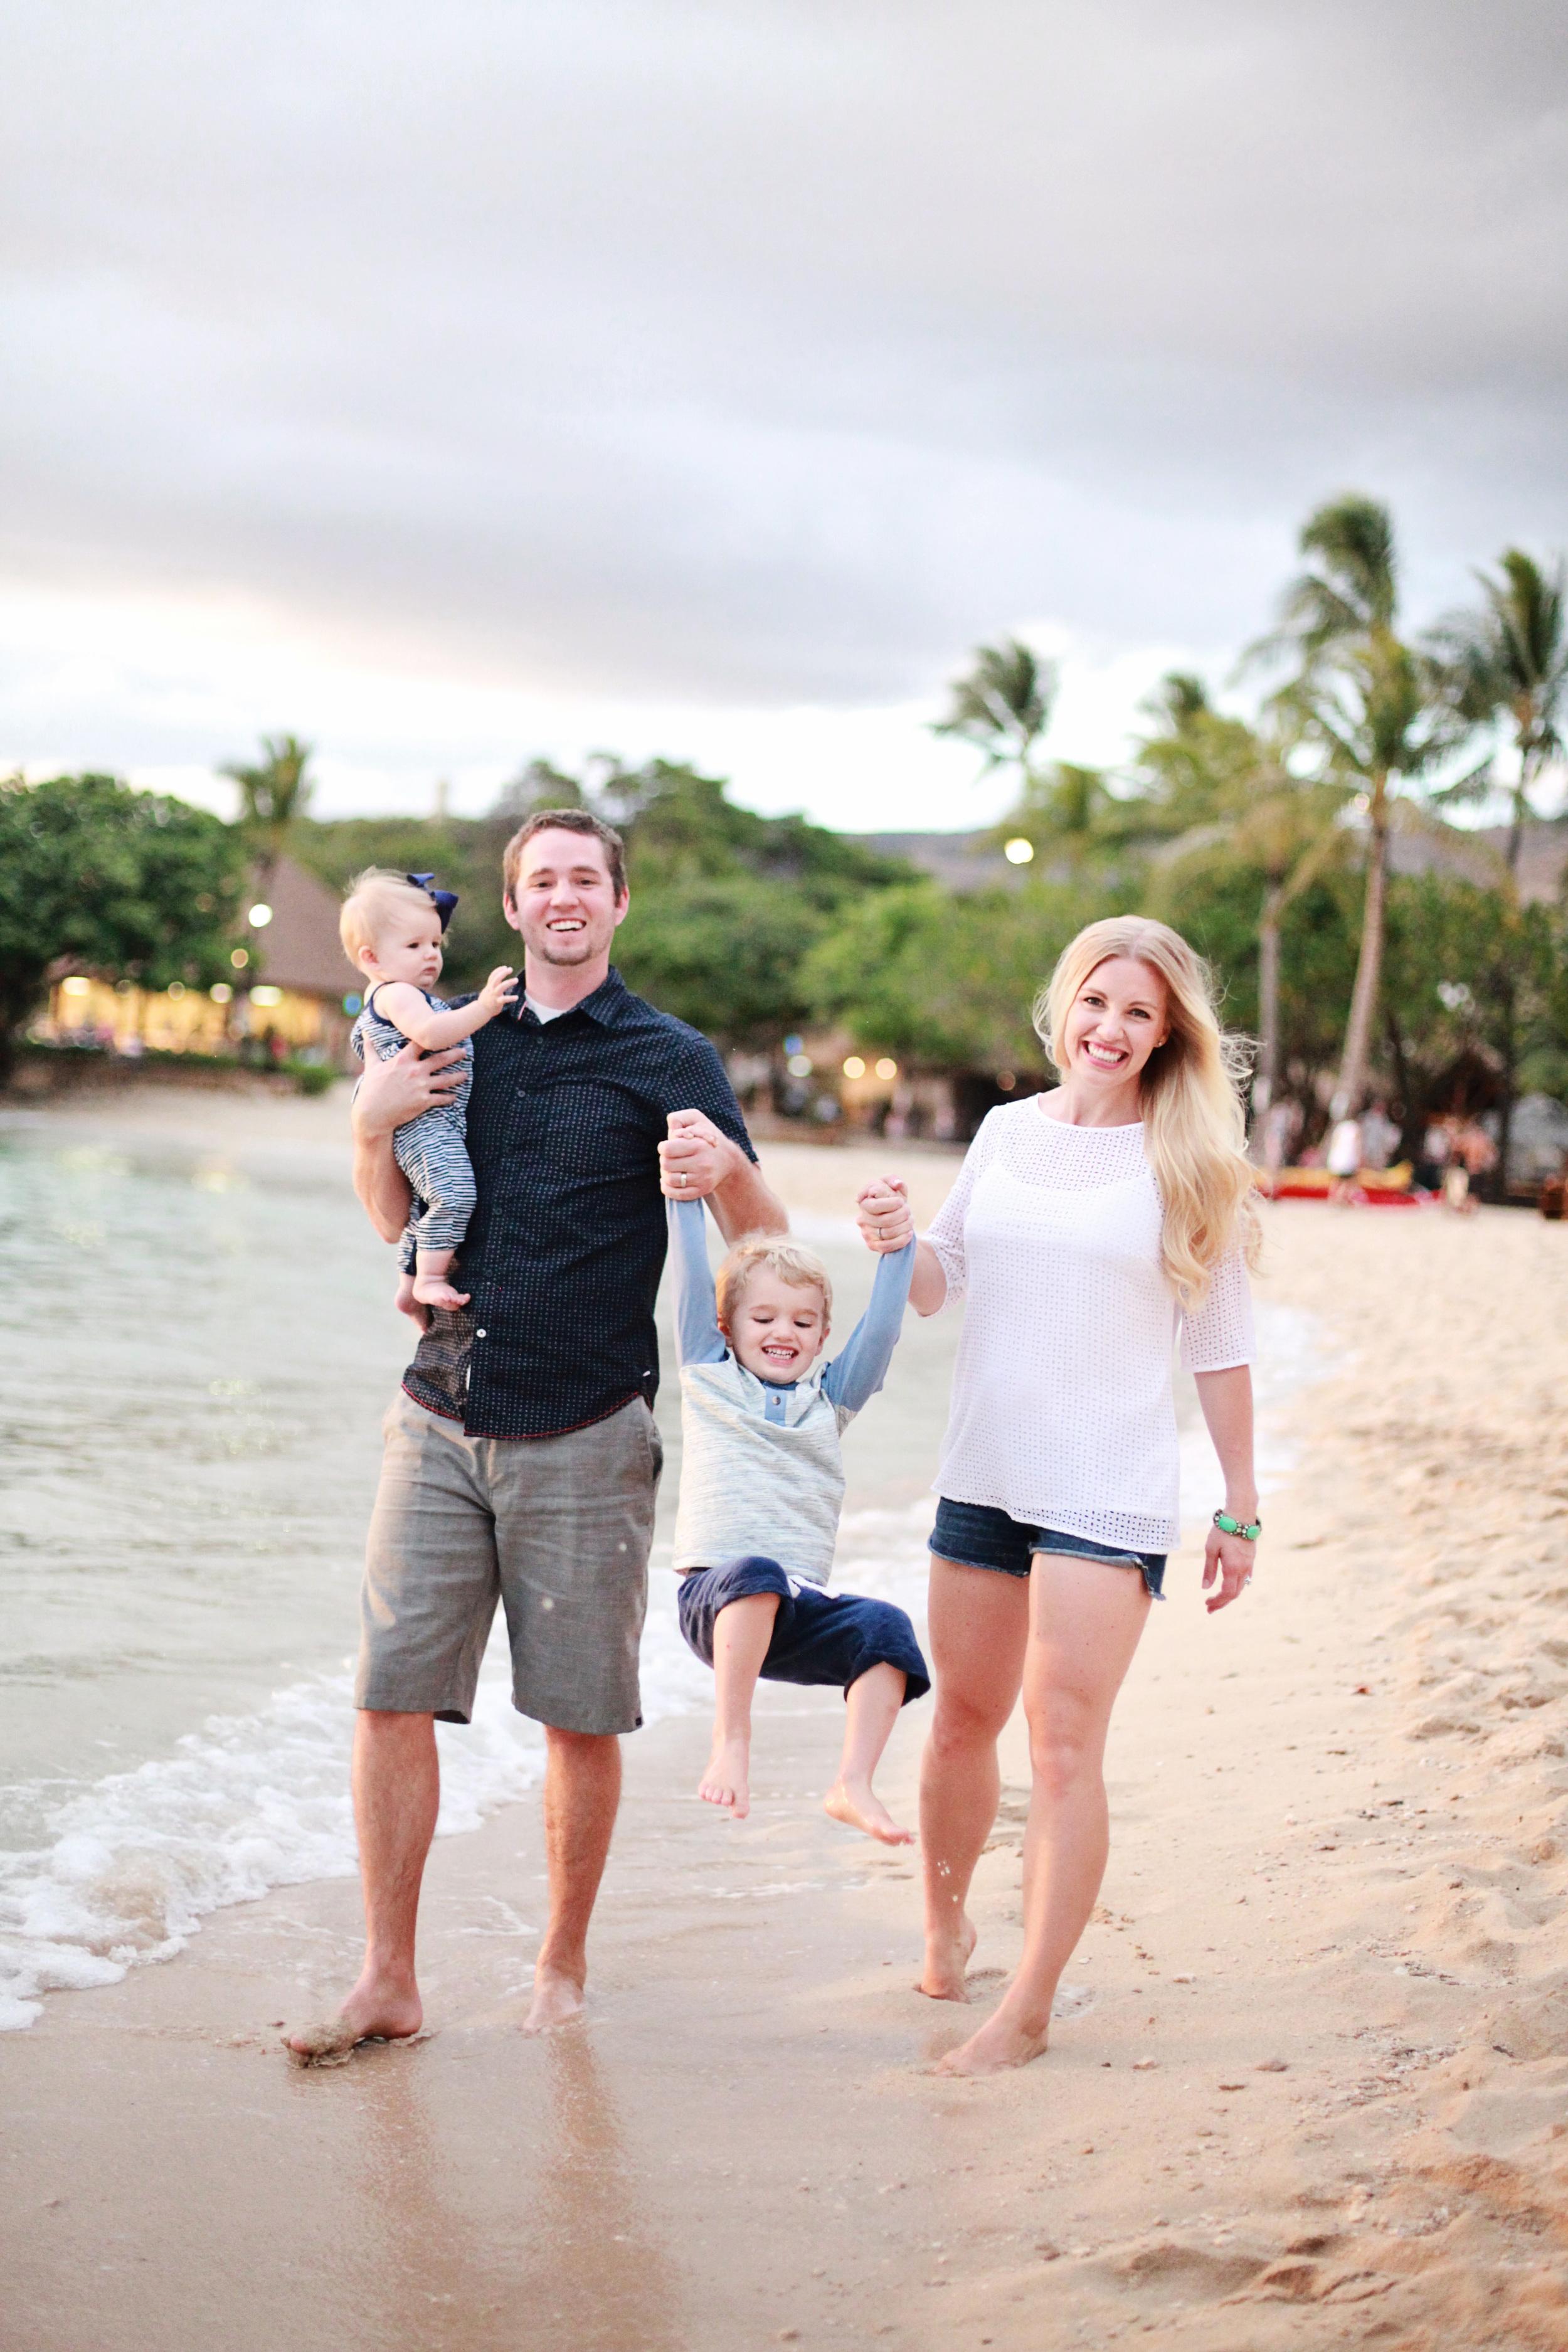 risley family